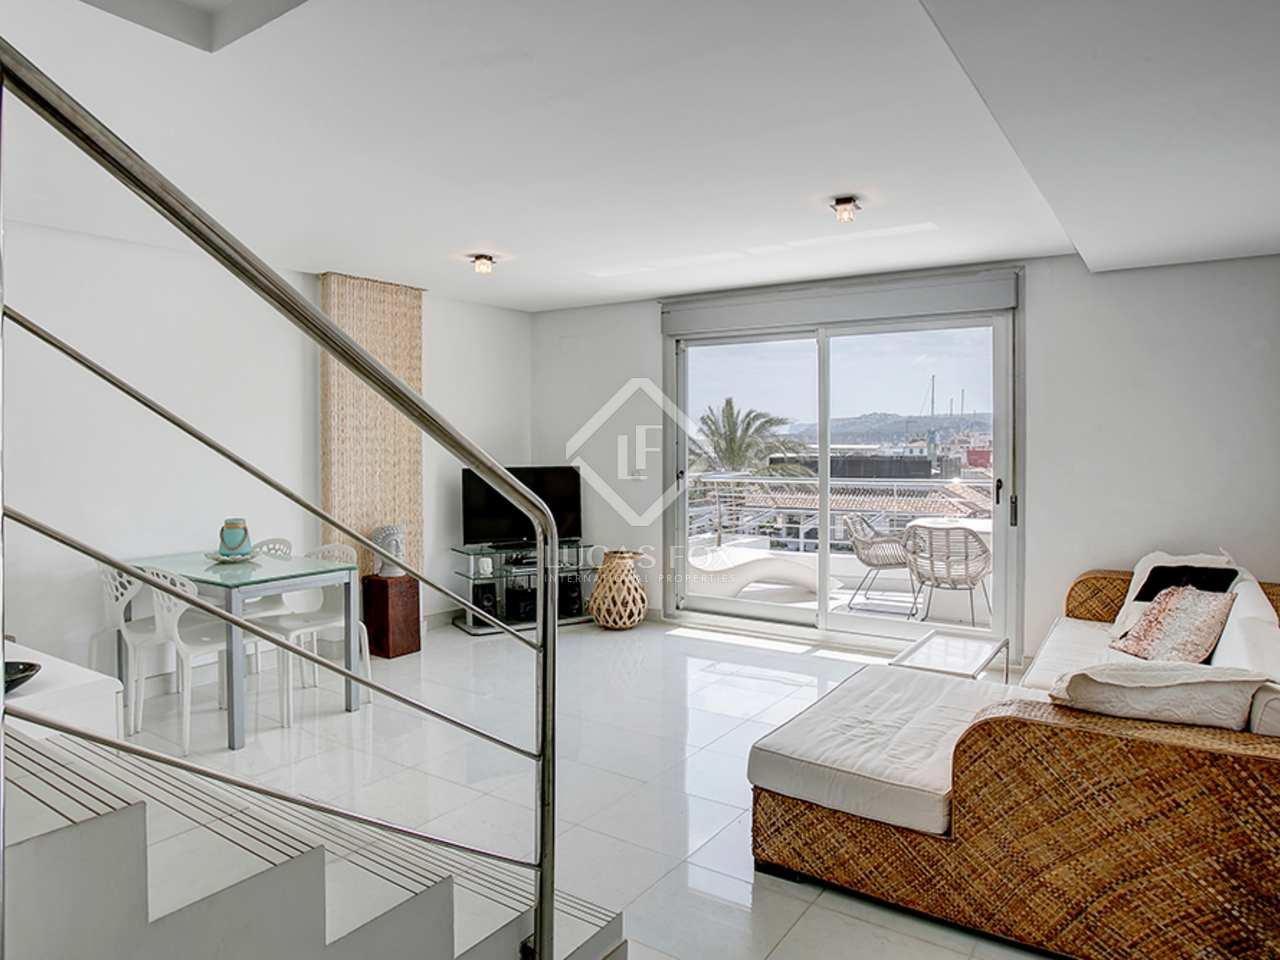 Appartement A Vendre A Denia Espagne